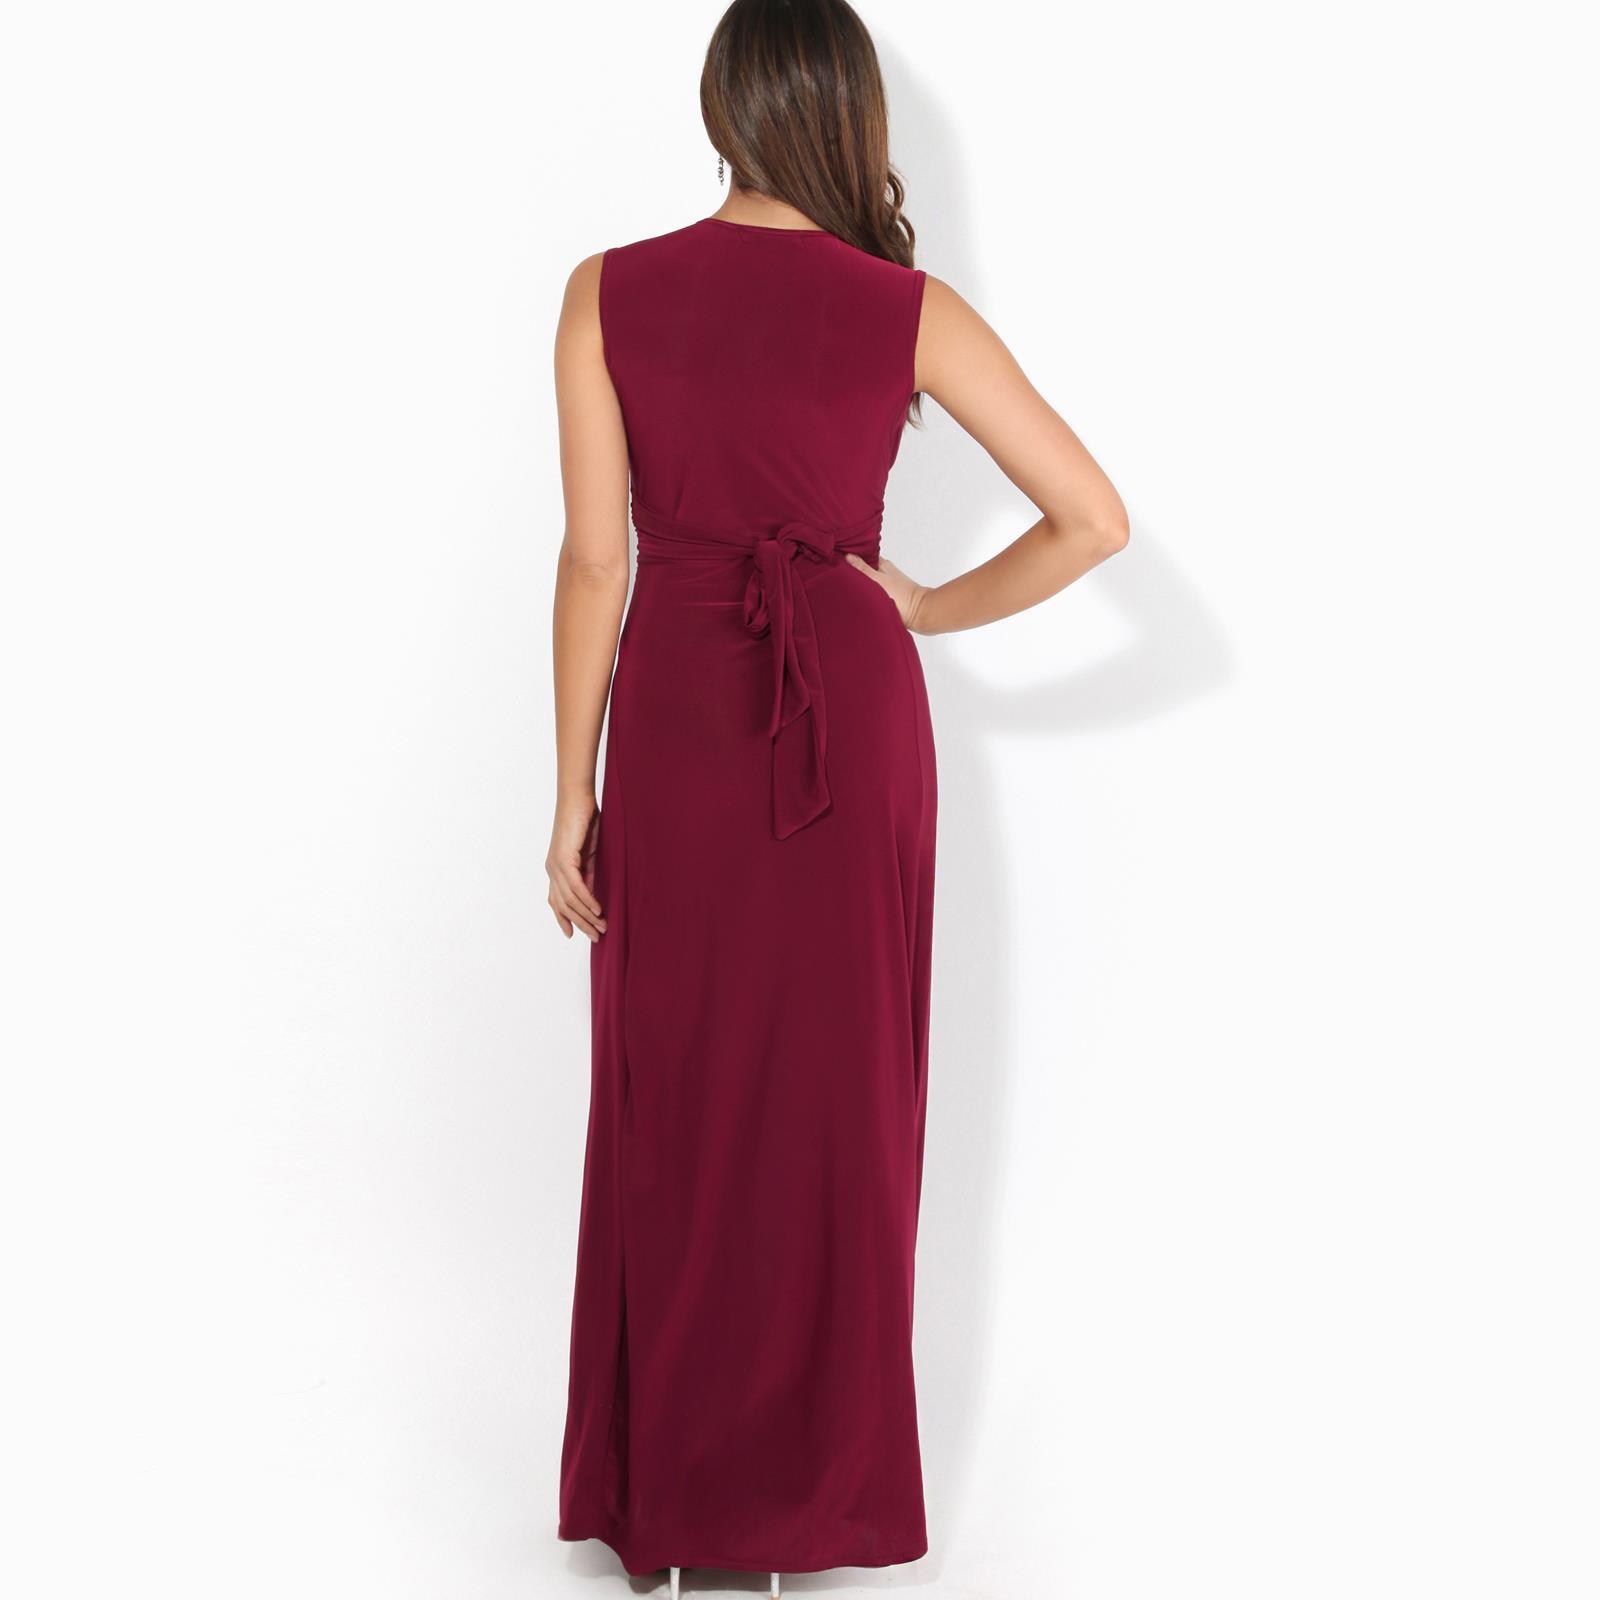 Womens-Ladies-Boho-Long-Maxi-Dress-Knot-V-Neck-Sleeveless-Pleated-Summer-Party thumbnail 16